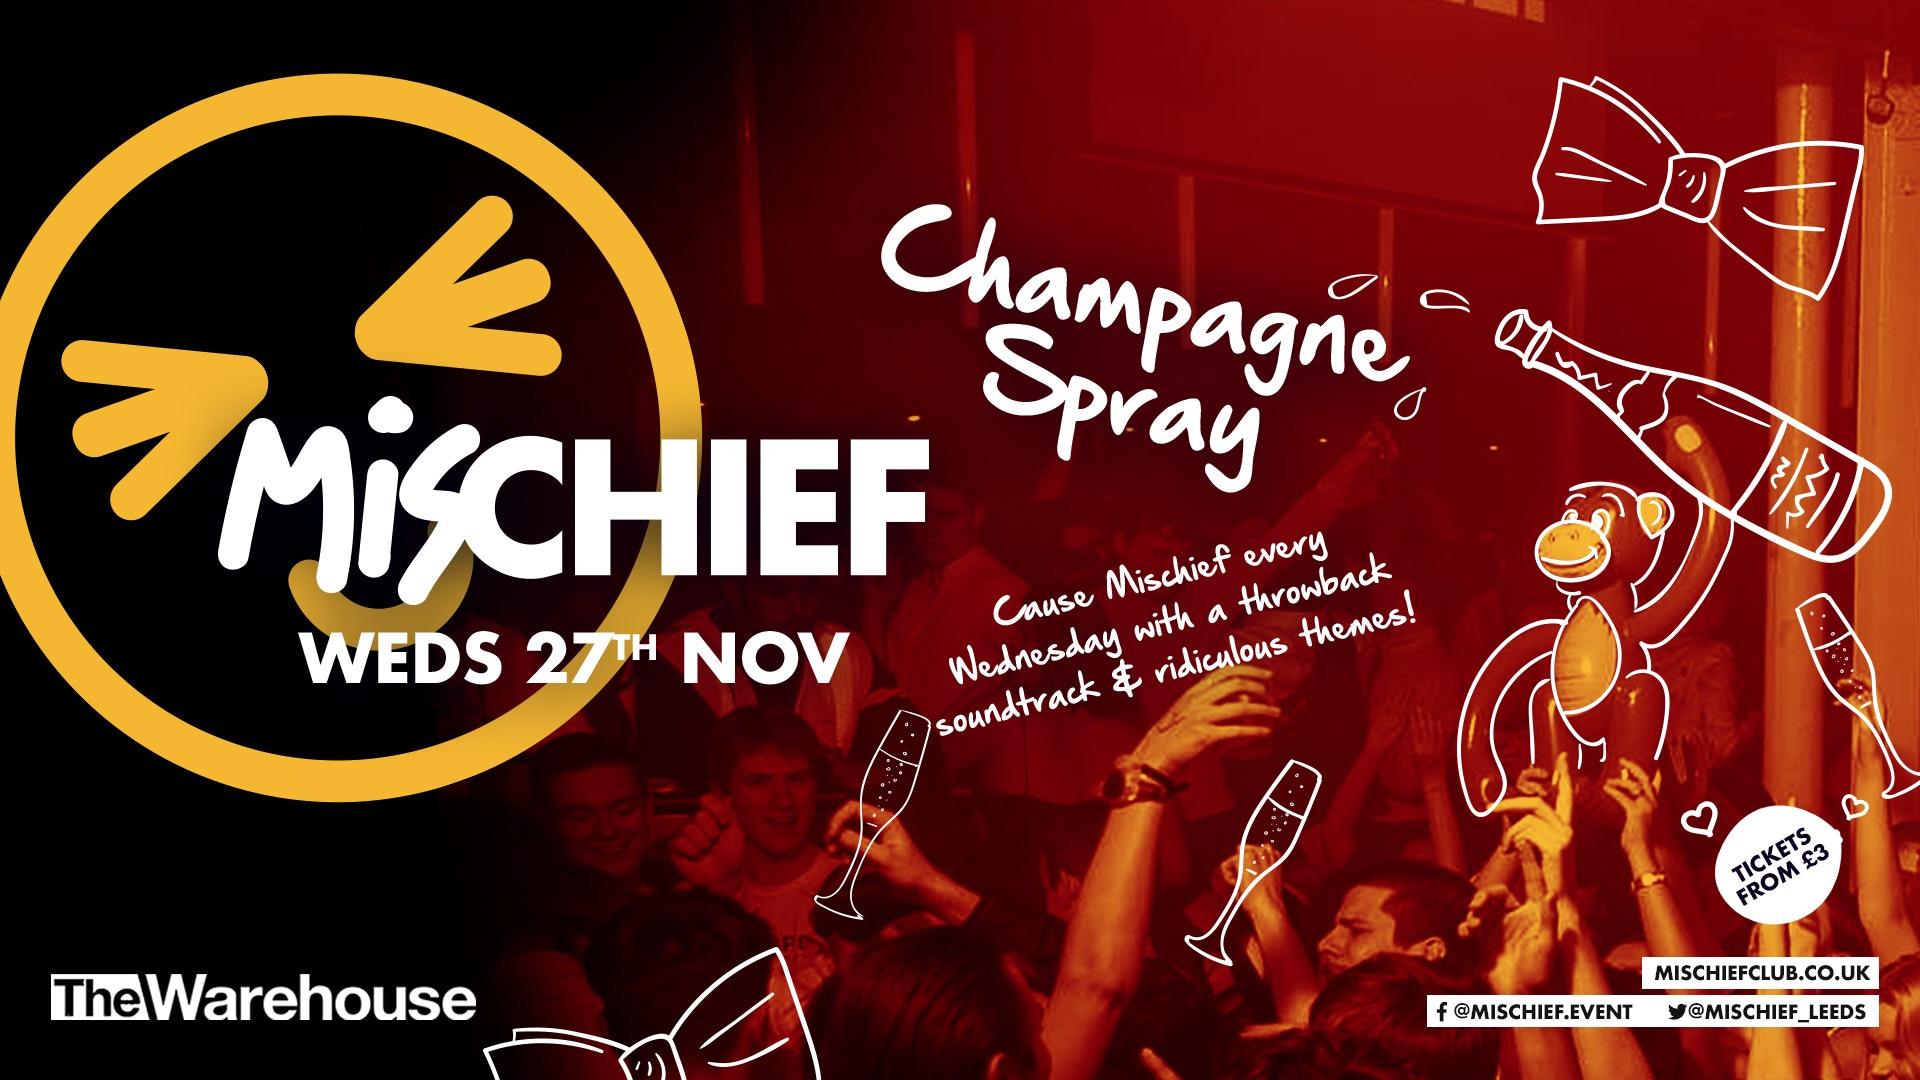 Mischief   Champagne Spray